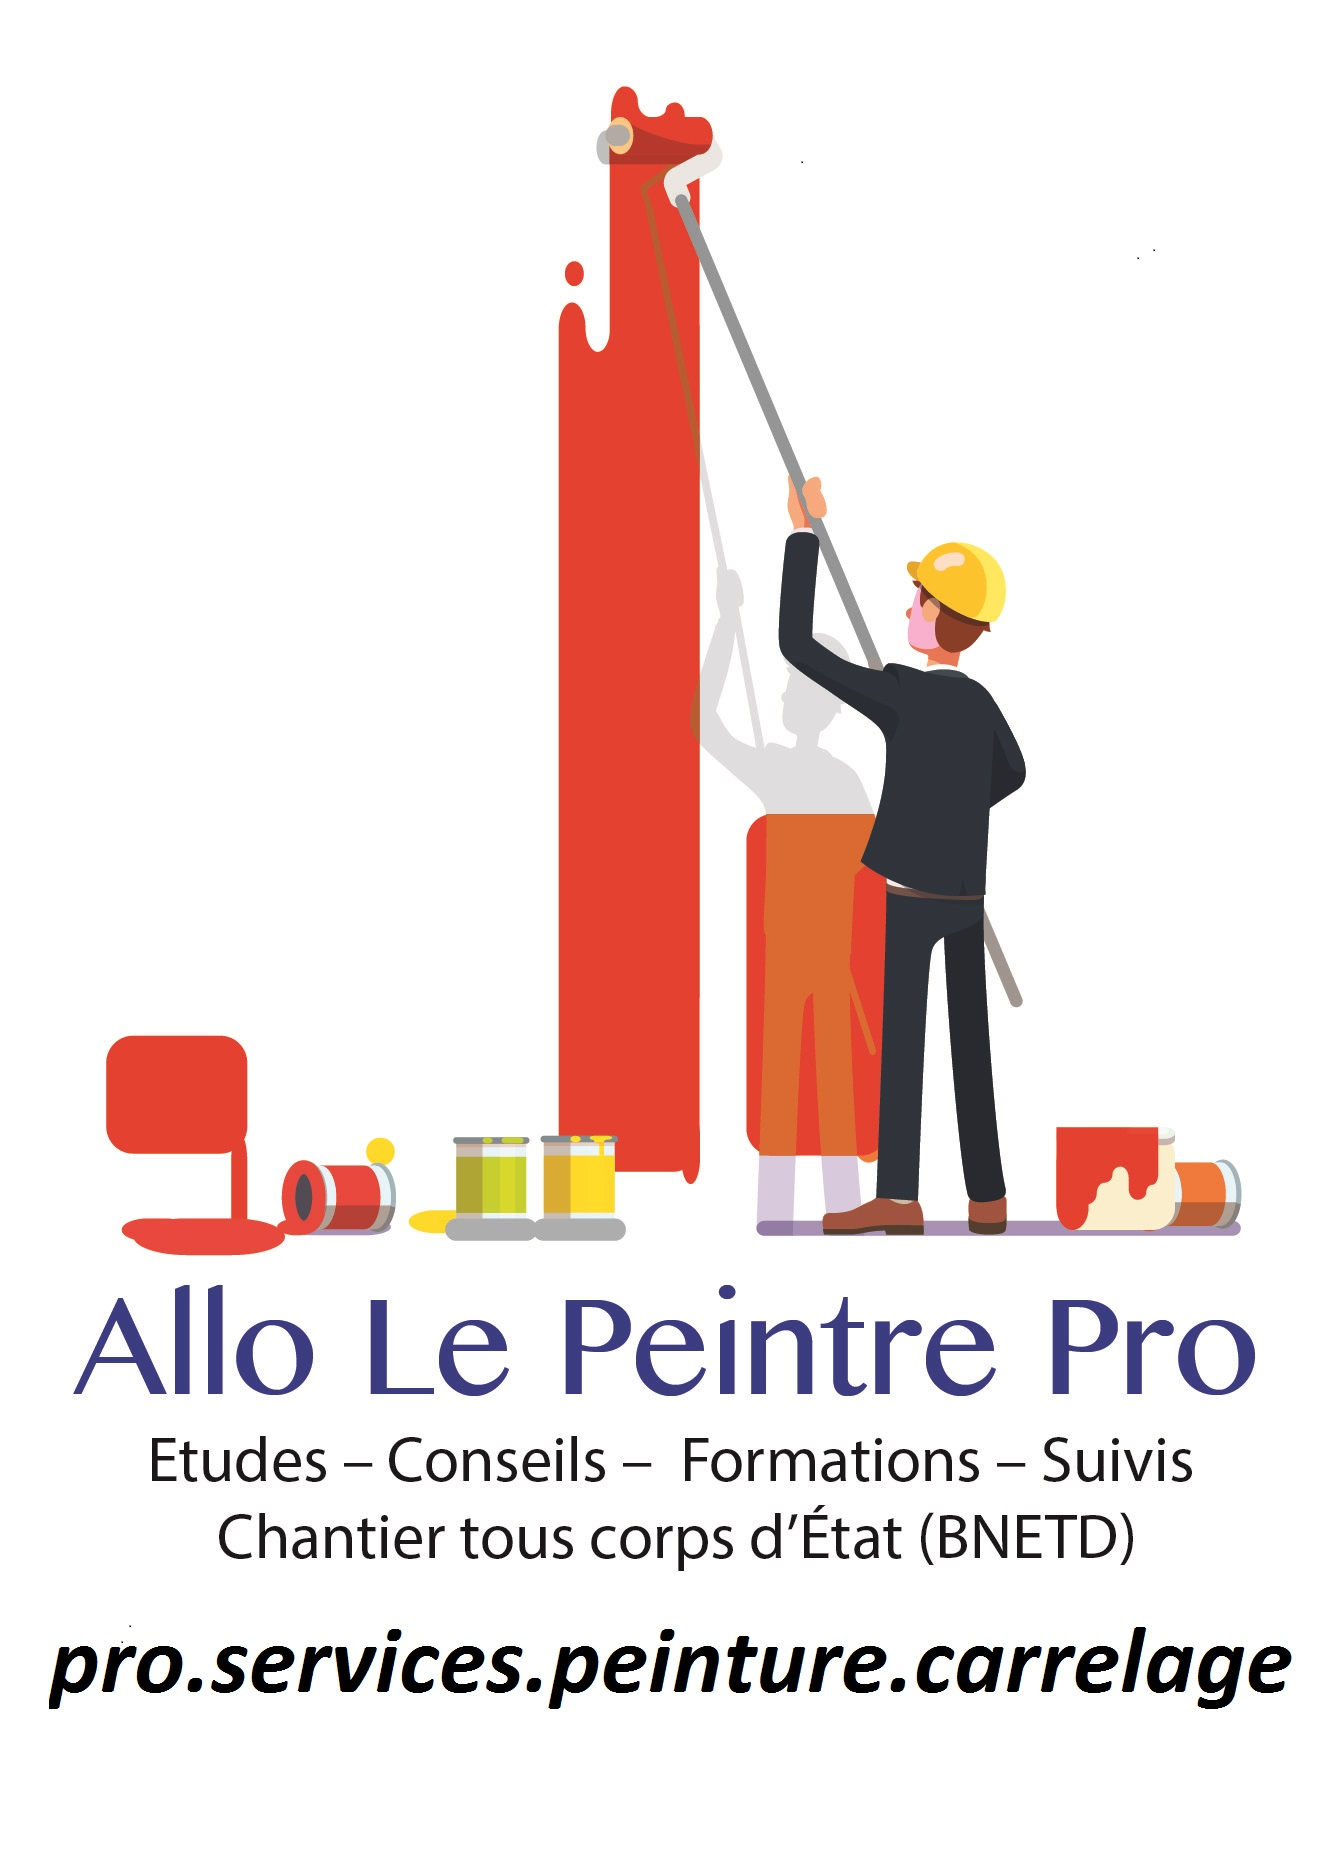 Logo de Pro Services 86 Peinture - Carrelage, société de travaux en Fourniture et pose de parquets flottants